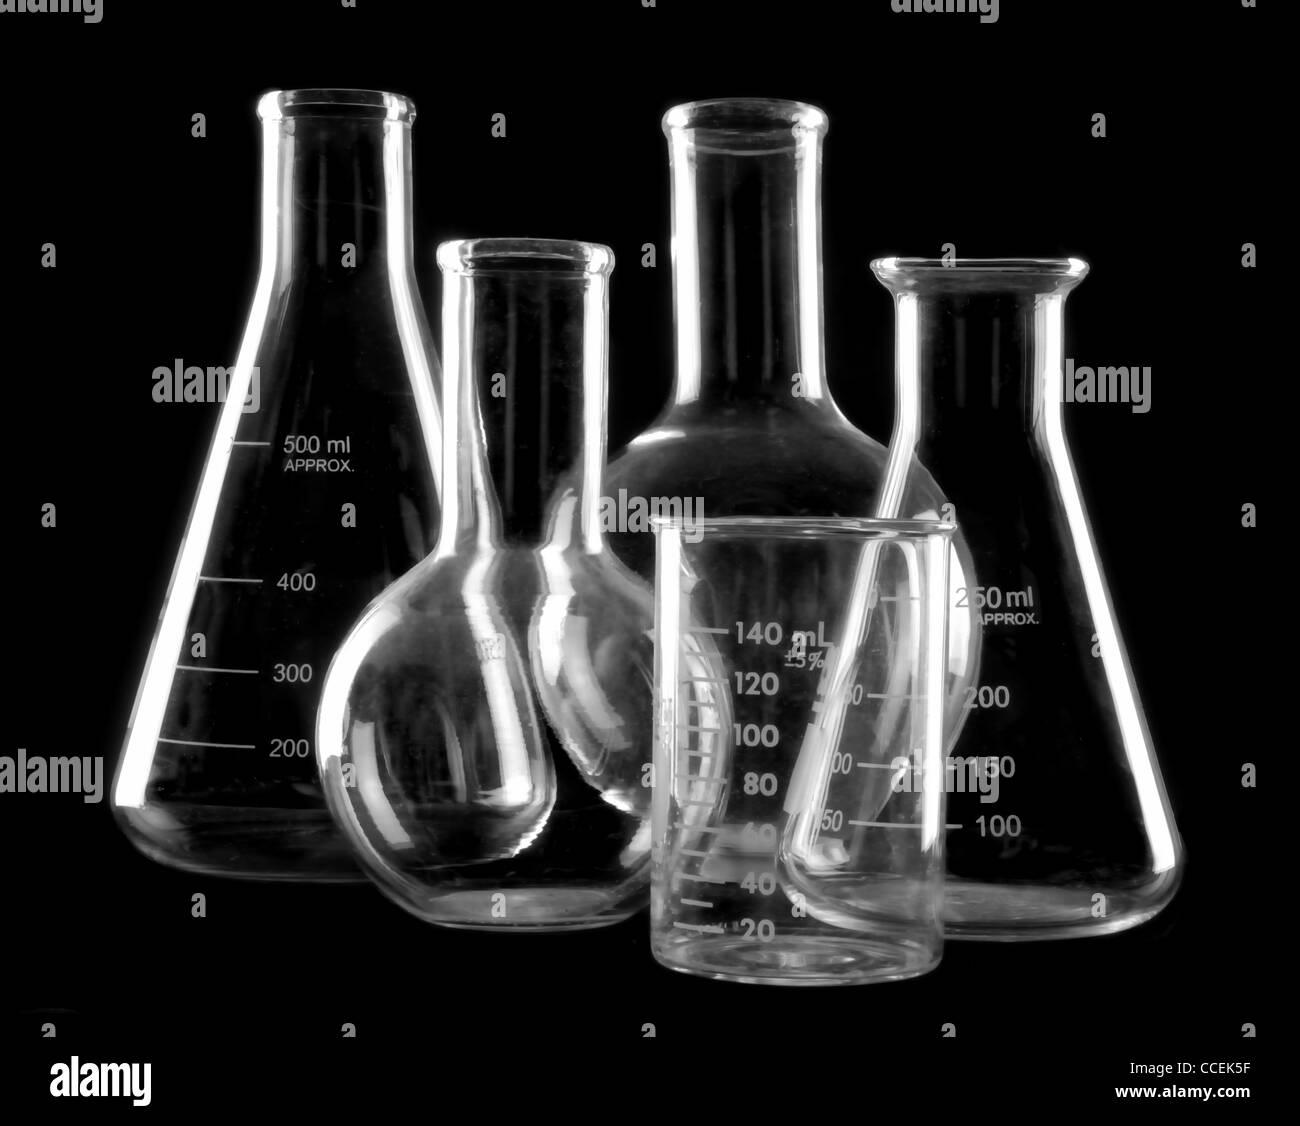 Laborglas: Flaschen und Becher Stockbild